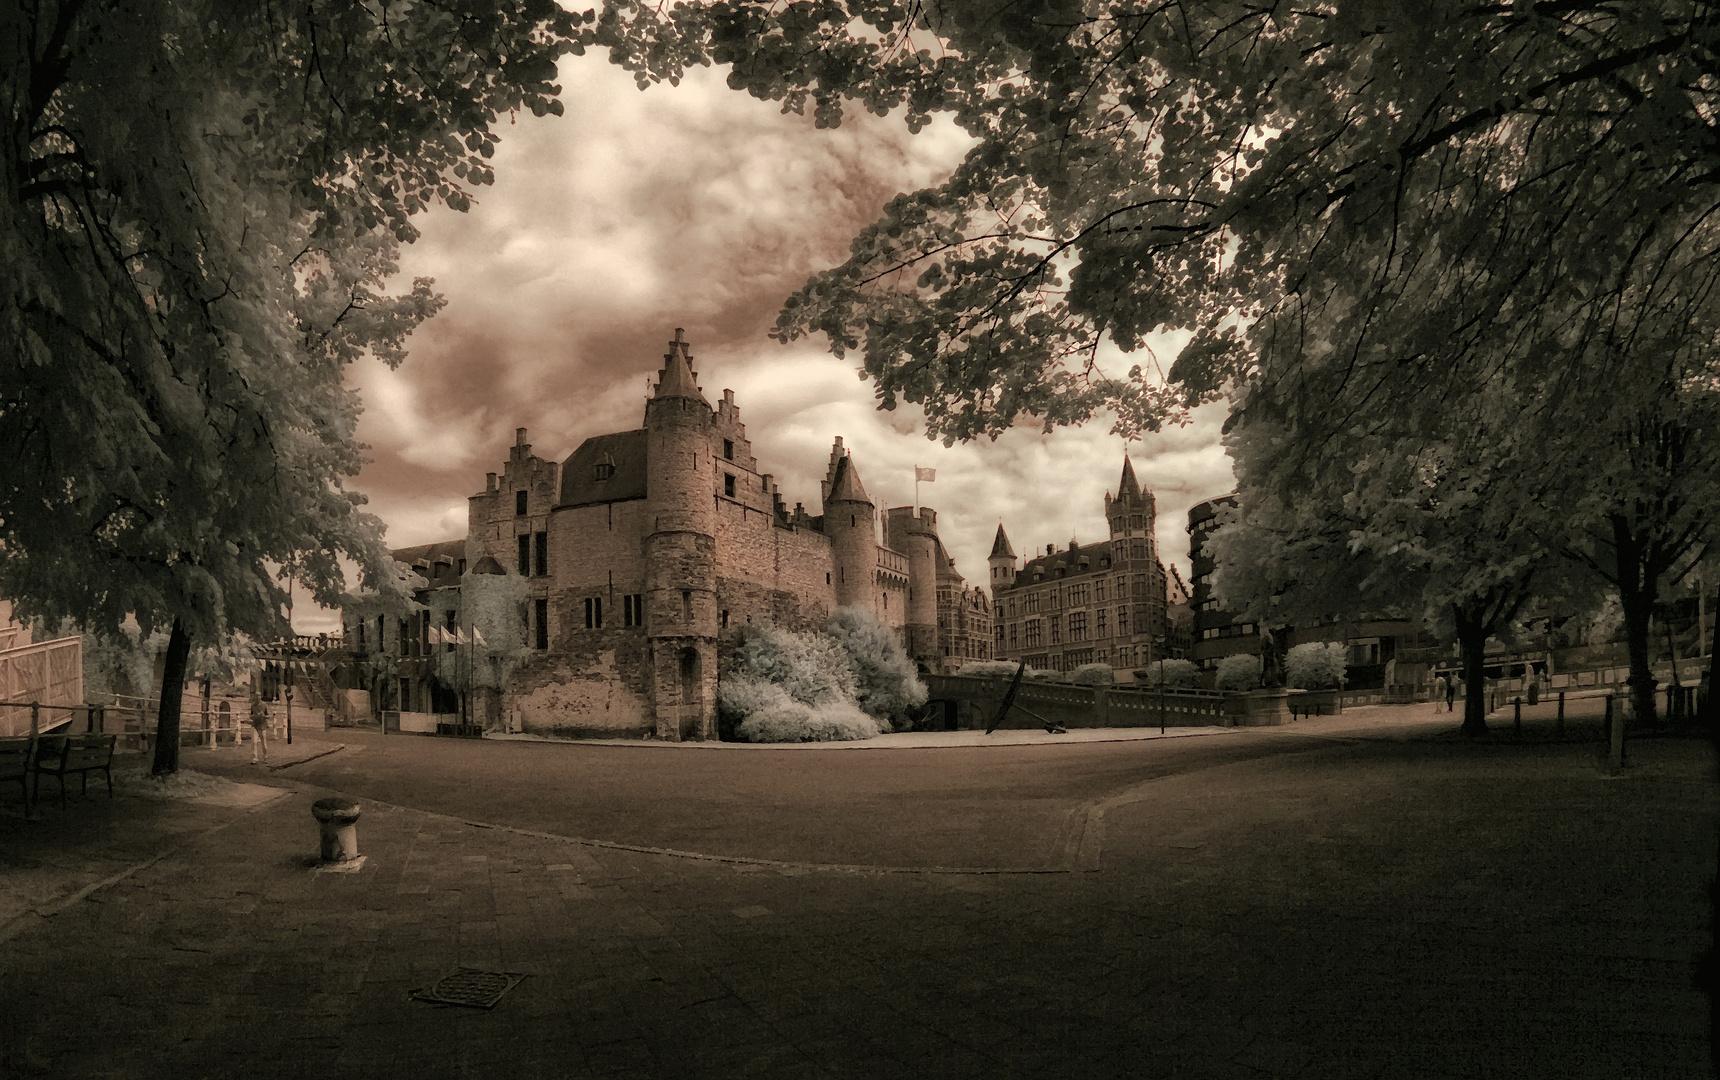 Die alte Festung von Antwerpen